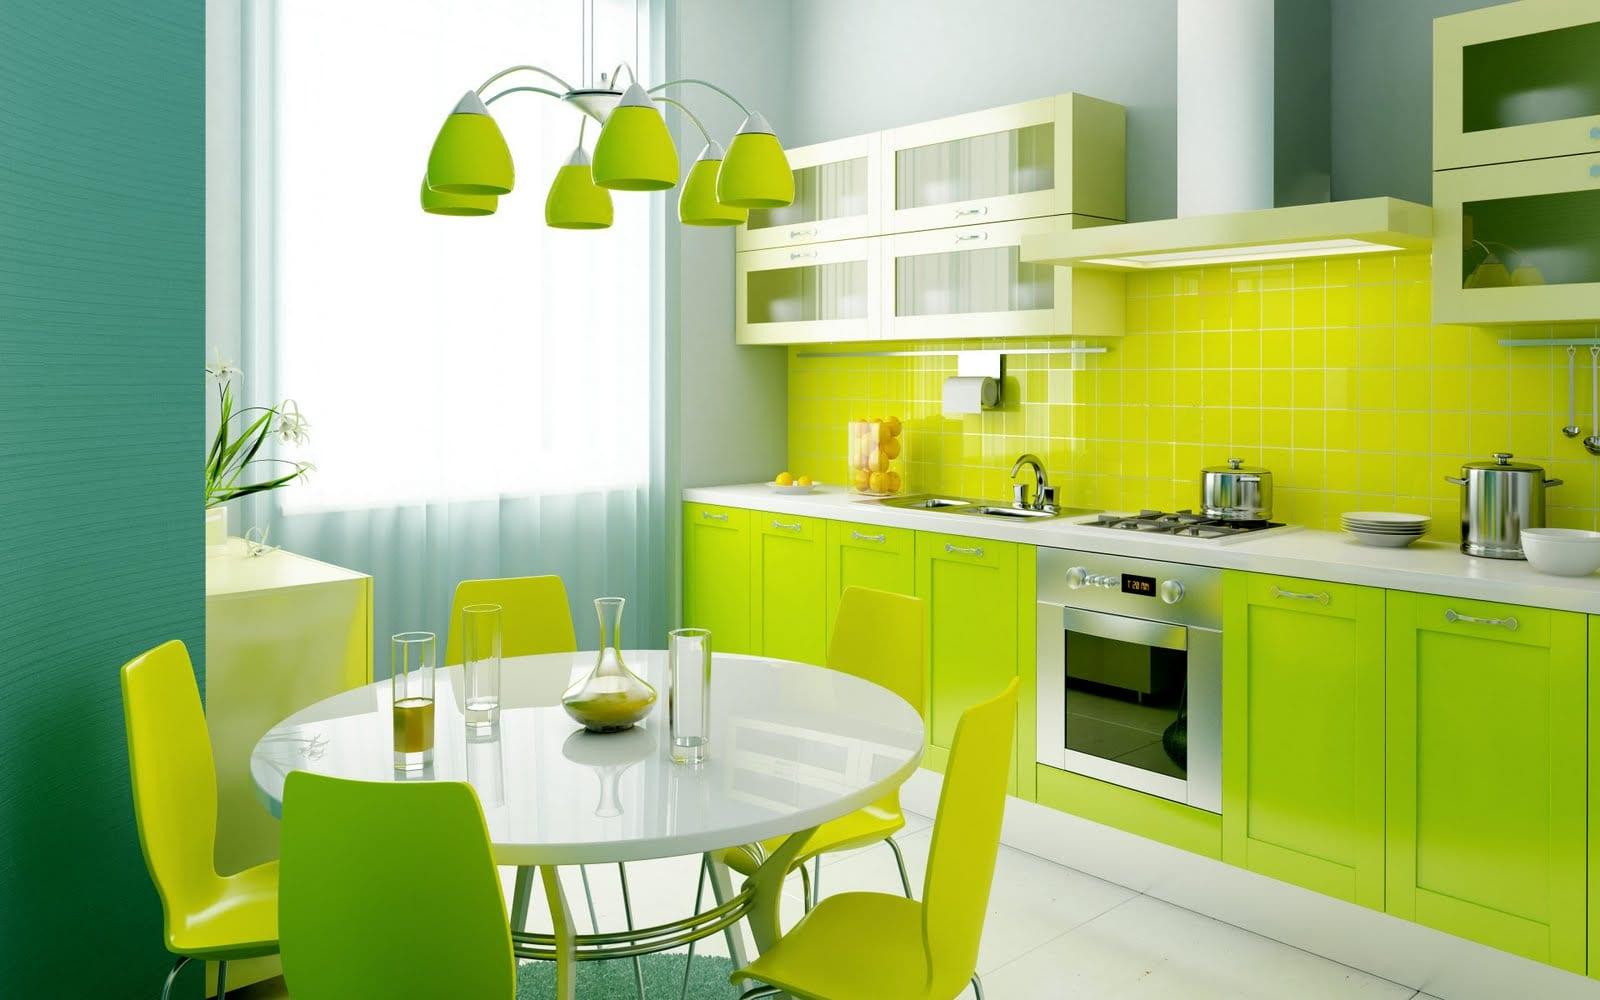 Atractivo Diseños De La Cocina Por Ken Kelly Parque De Williston Ny ...